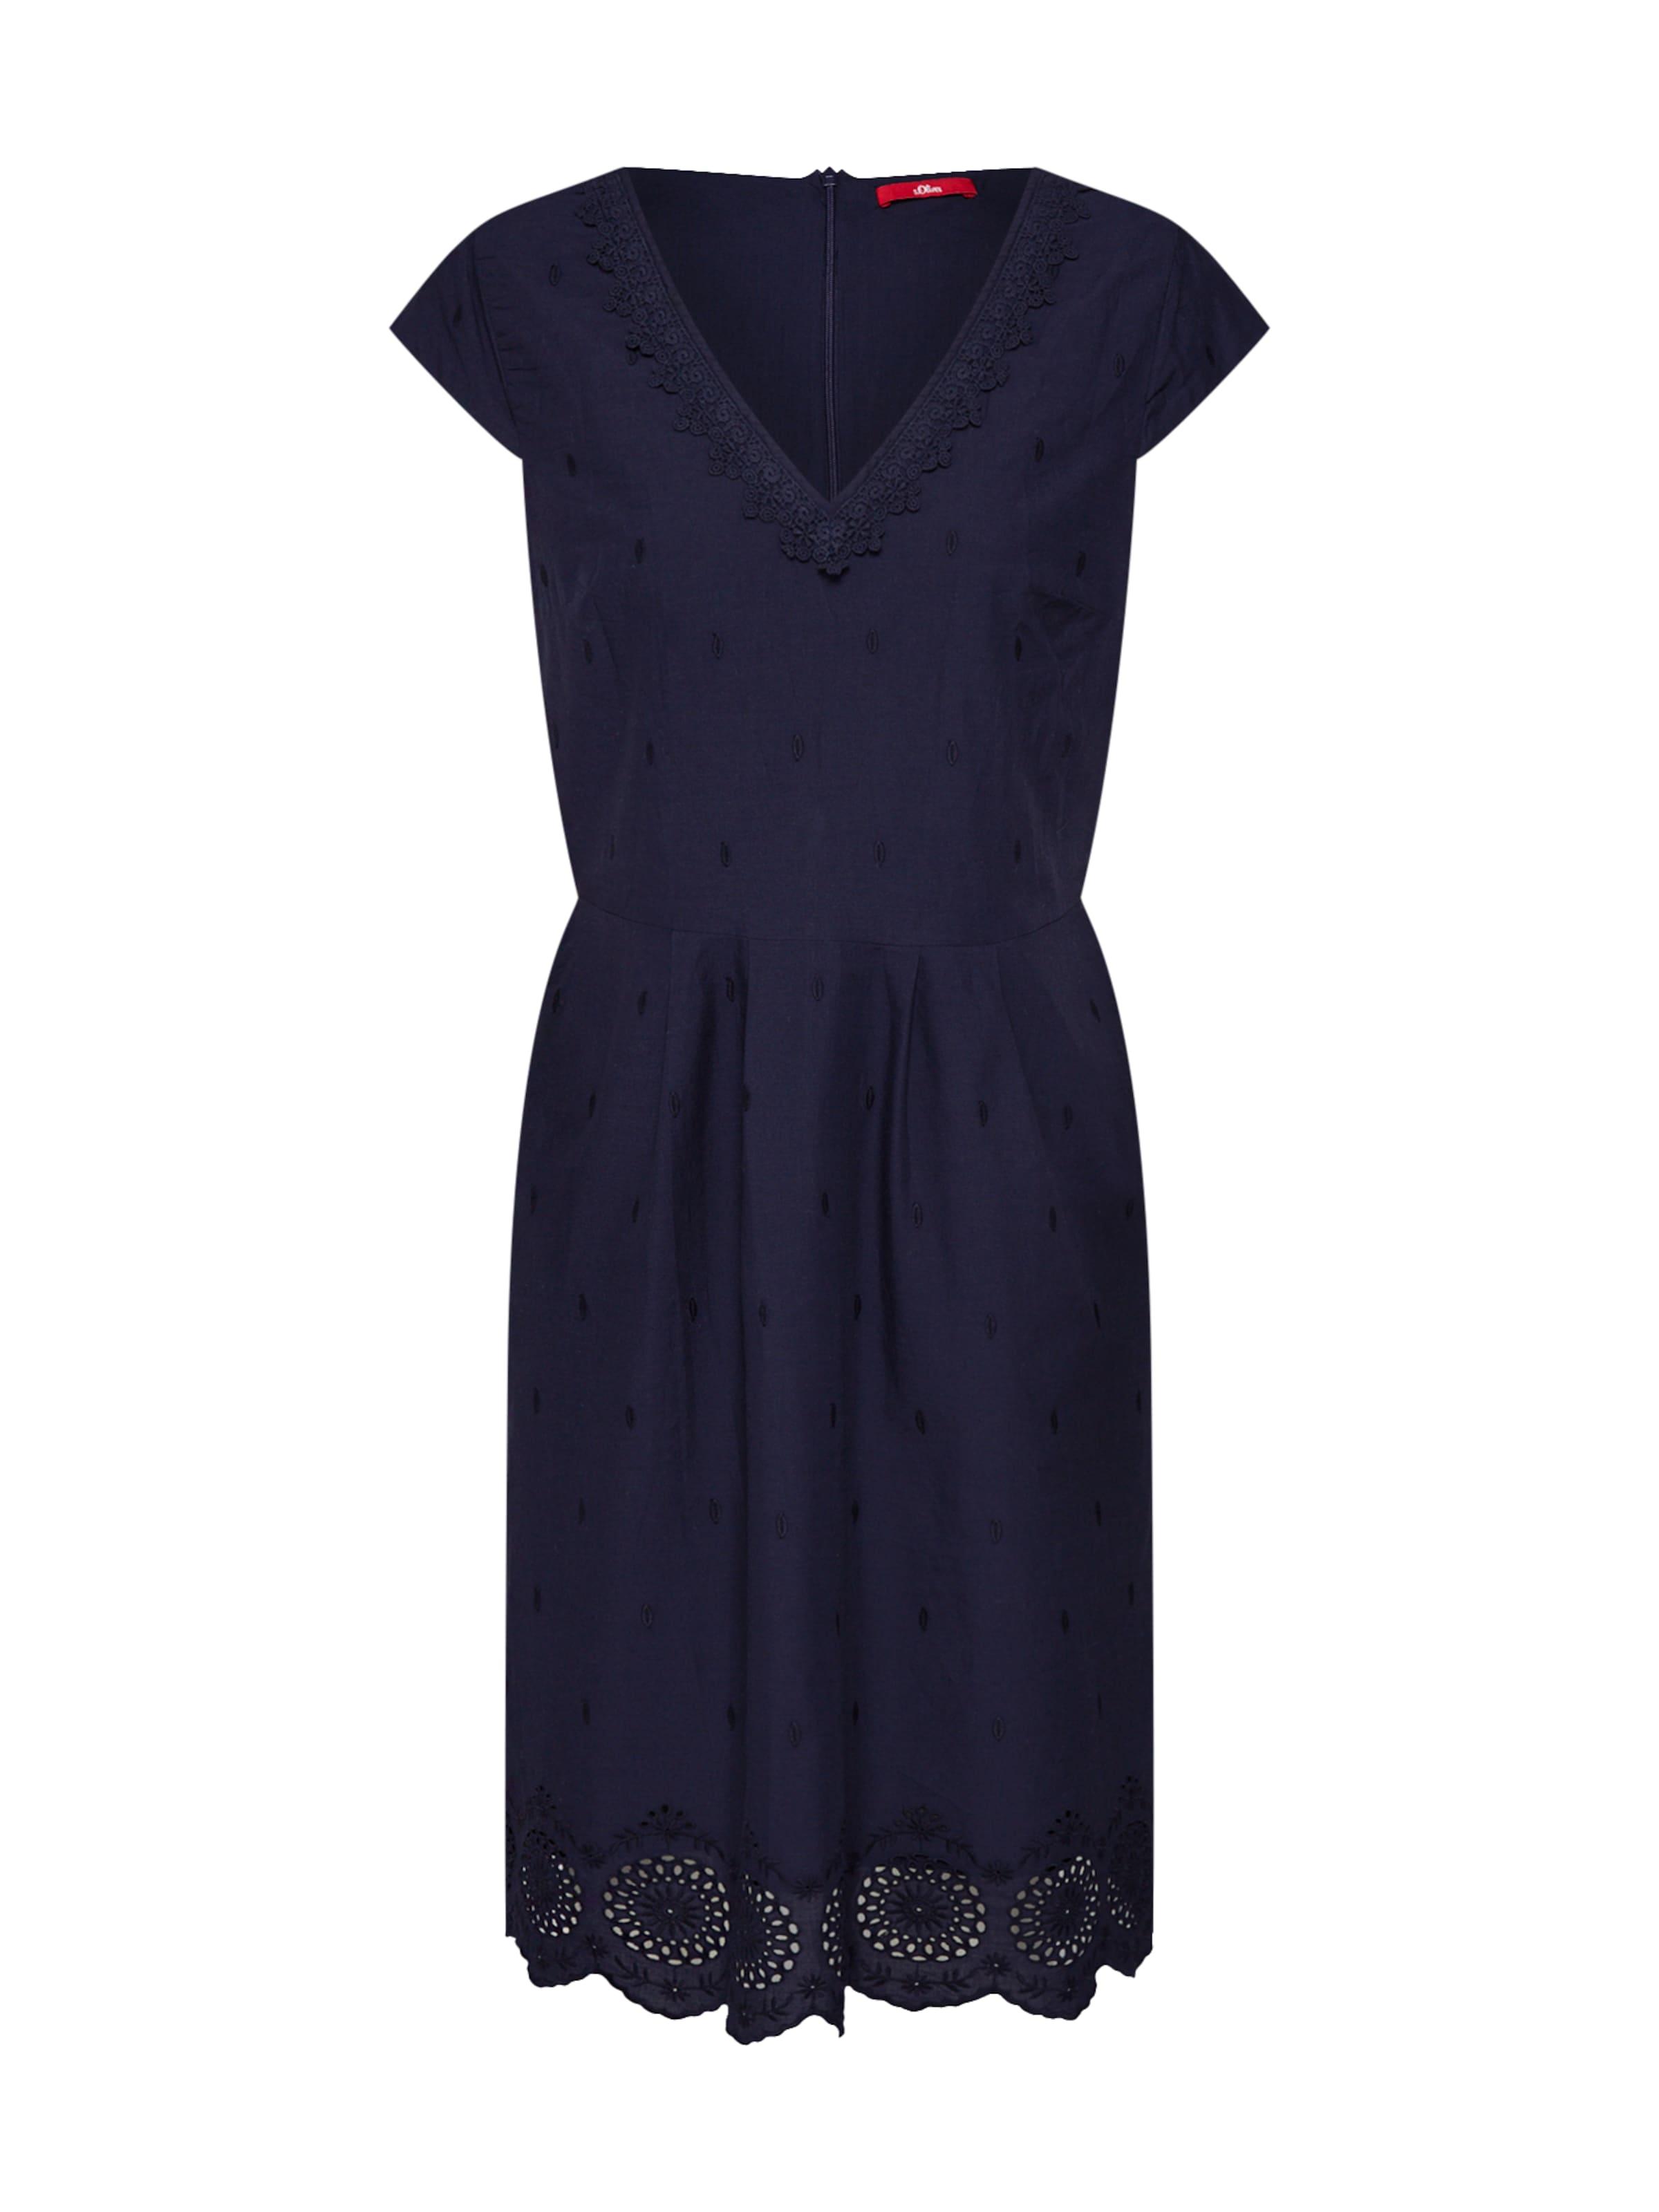 Navy Kleid In Kleid S oliver oliver Kleid Navy S S In oliver UGzqSMpLV